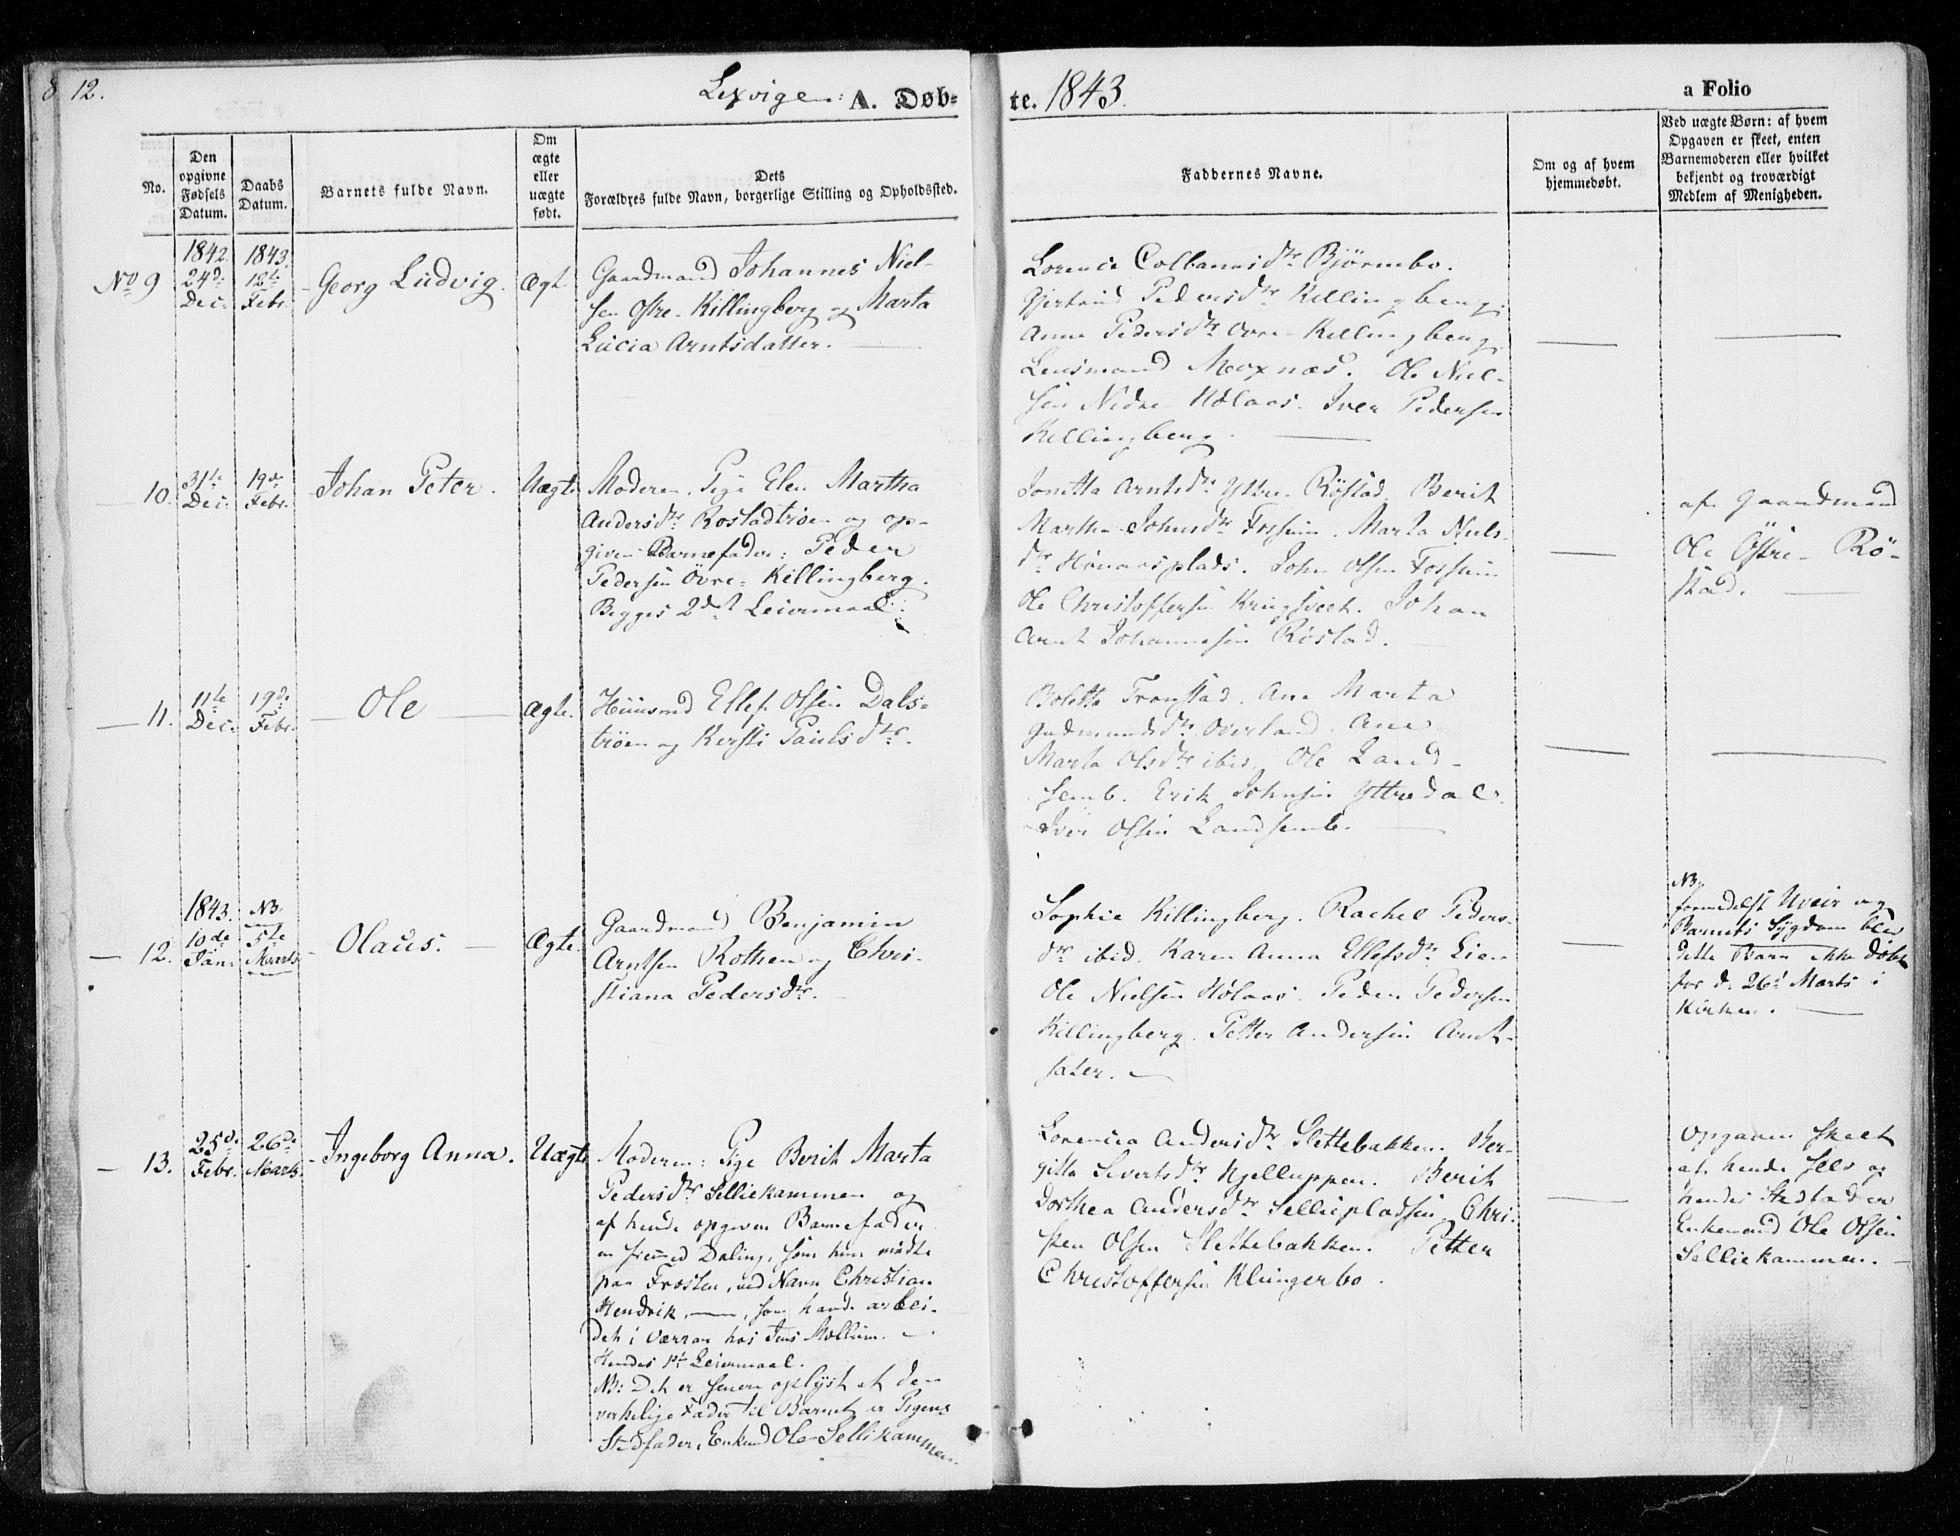 SAT, Ministerialprotokoller, klokkerbøker og fødselsregistre - Nord-Trøndelag, 701/L0007: Ministerialbok nr. 701A07 /1, 1842-1854, s. 12